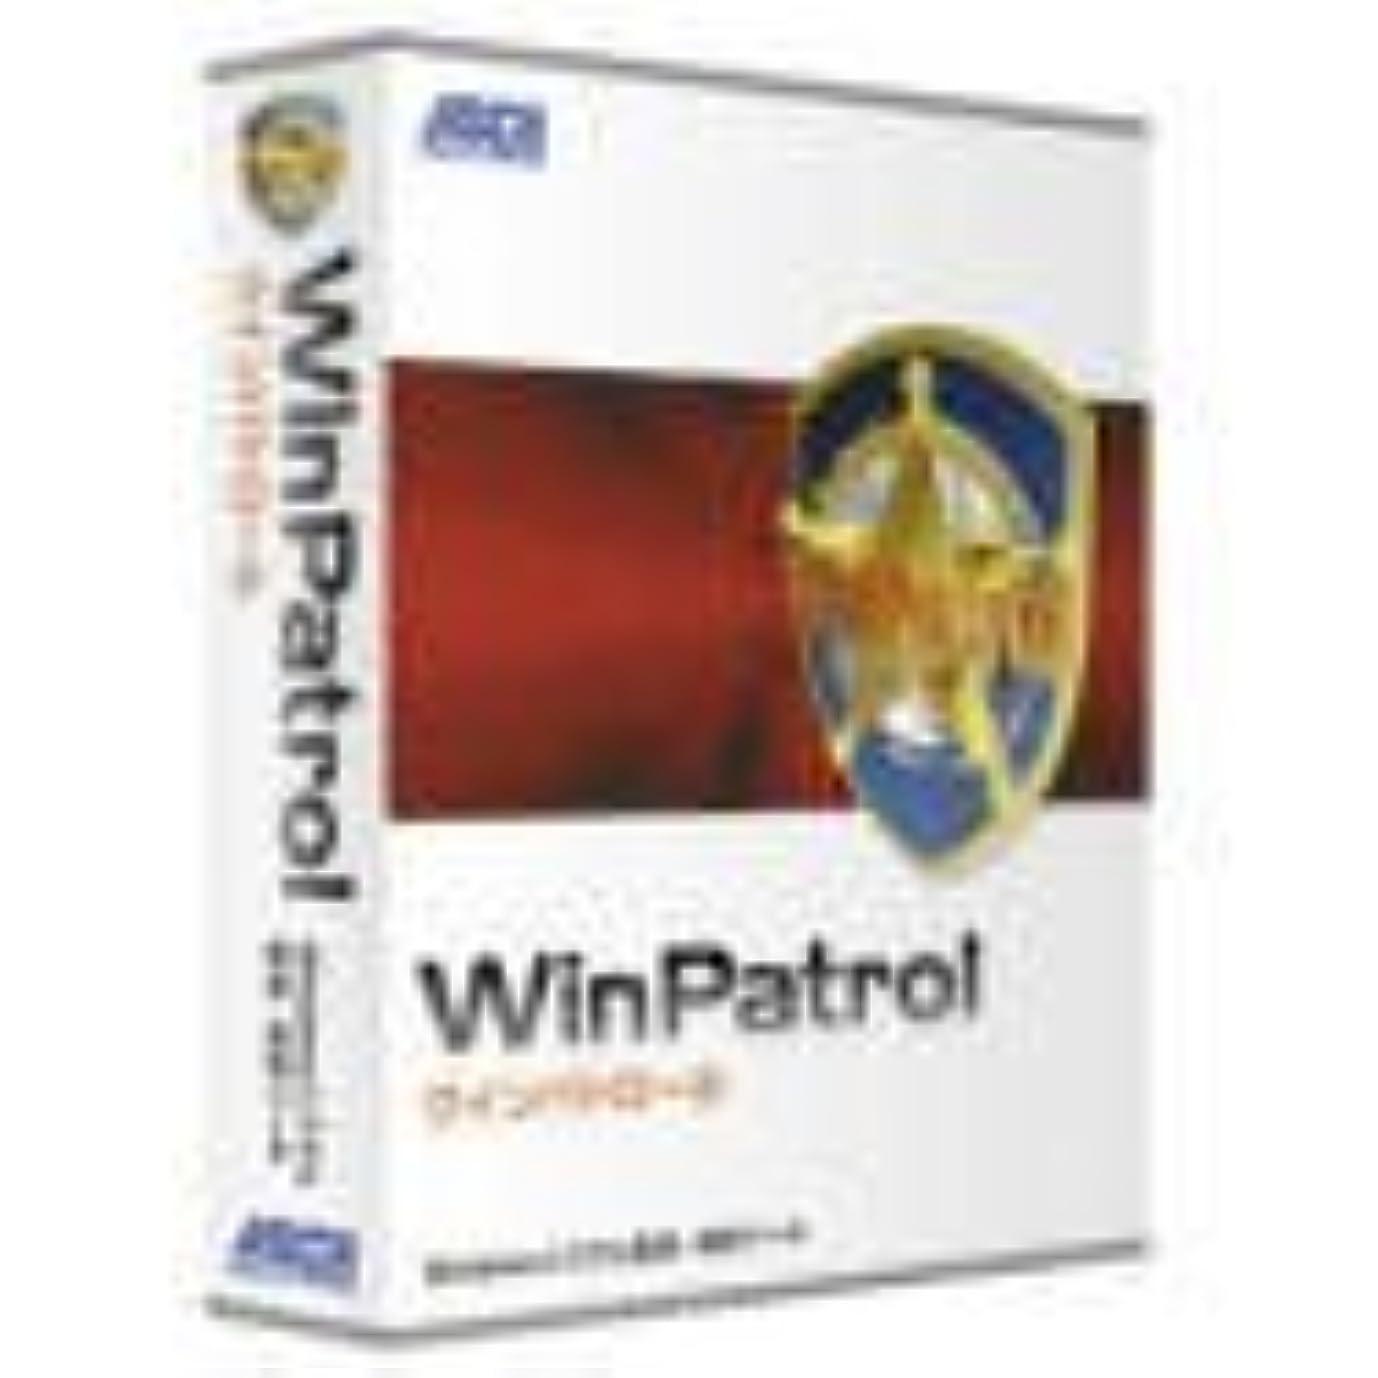 WinPatrol 2